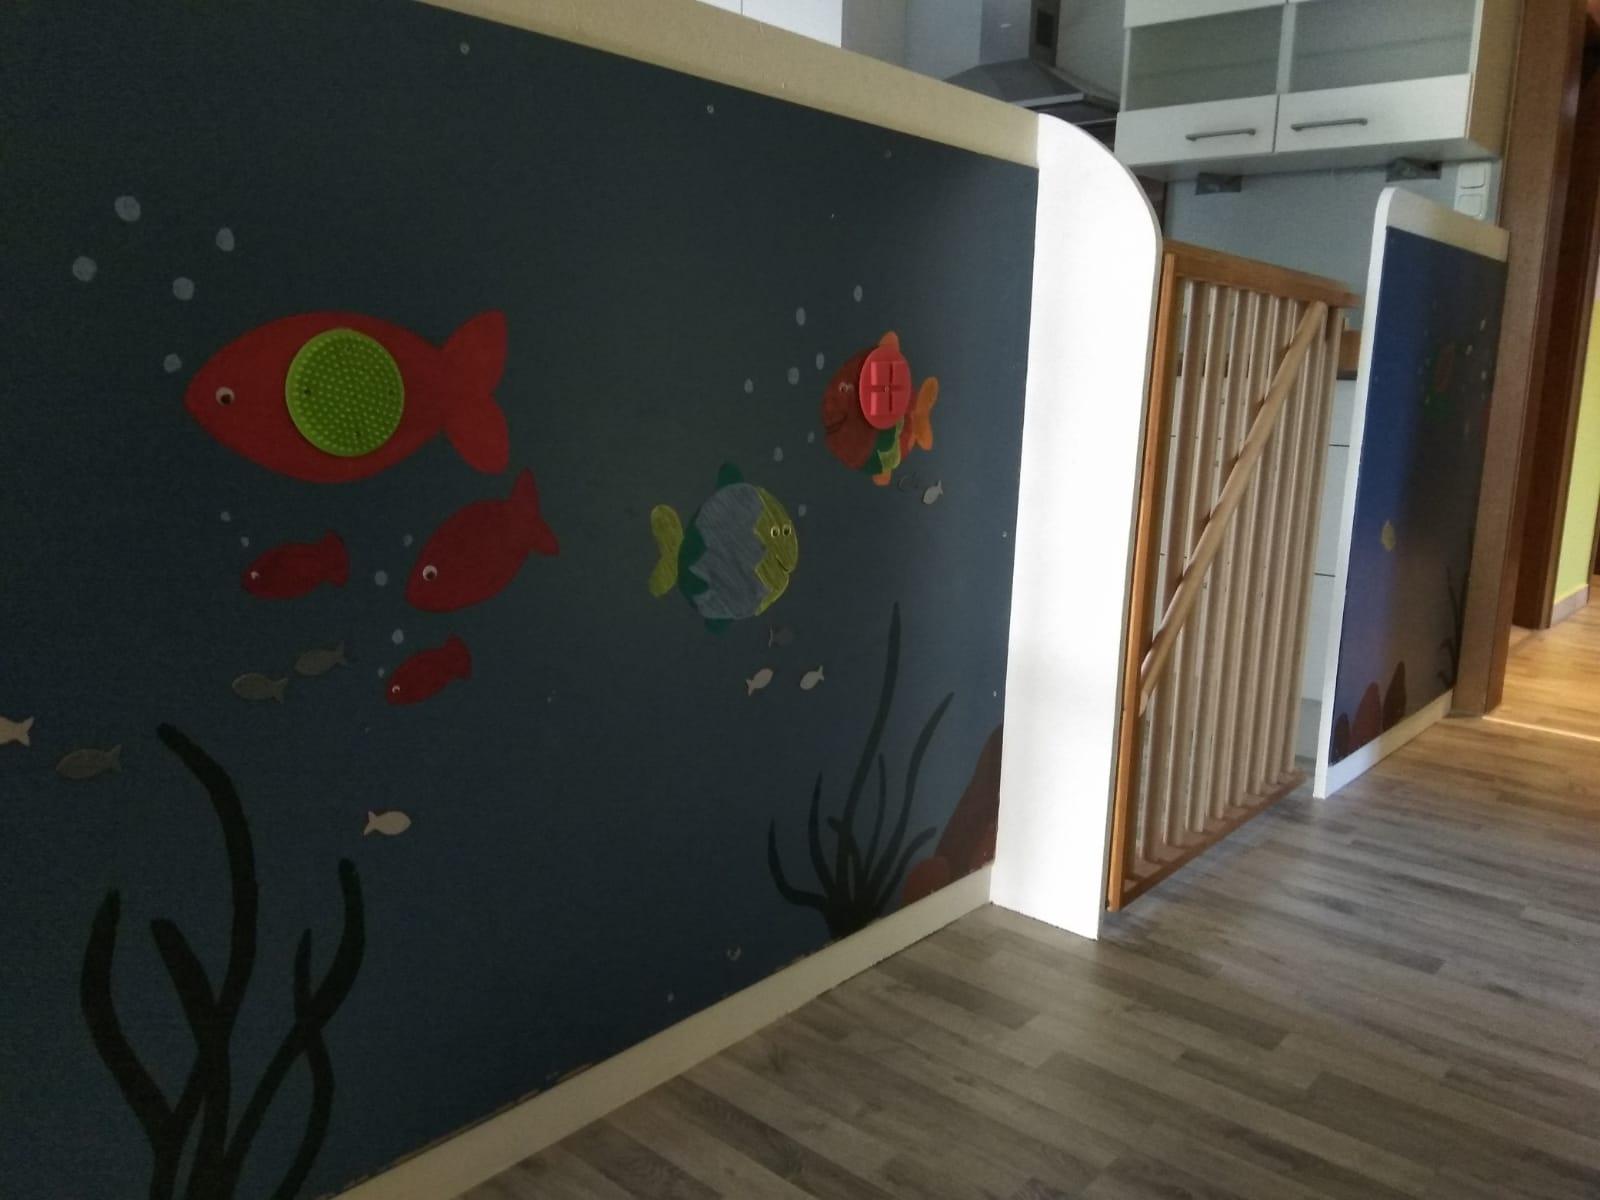 Bunte Wand mit aufgemalten Fischen Kindertagesstätte (Kita) die Krümelmonster aus Neustadt am Rübenberge